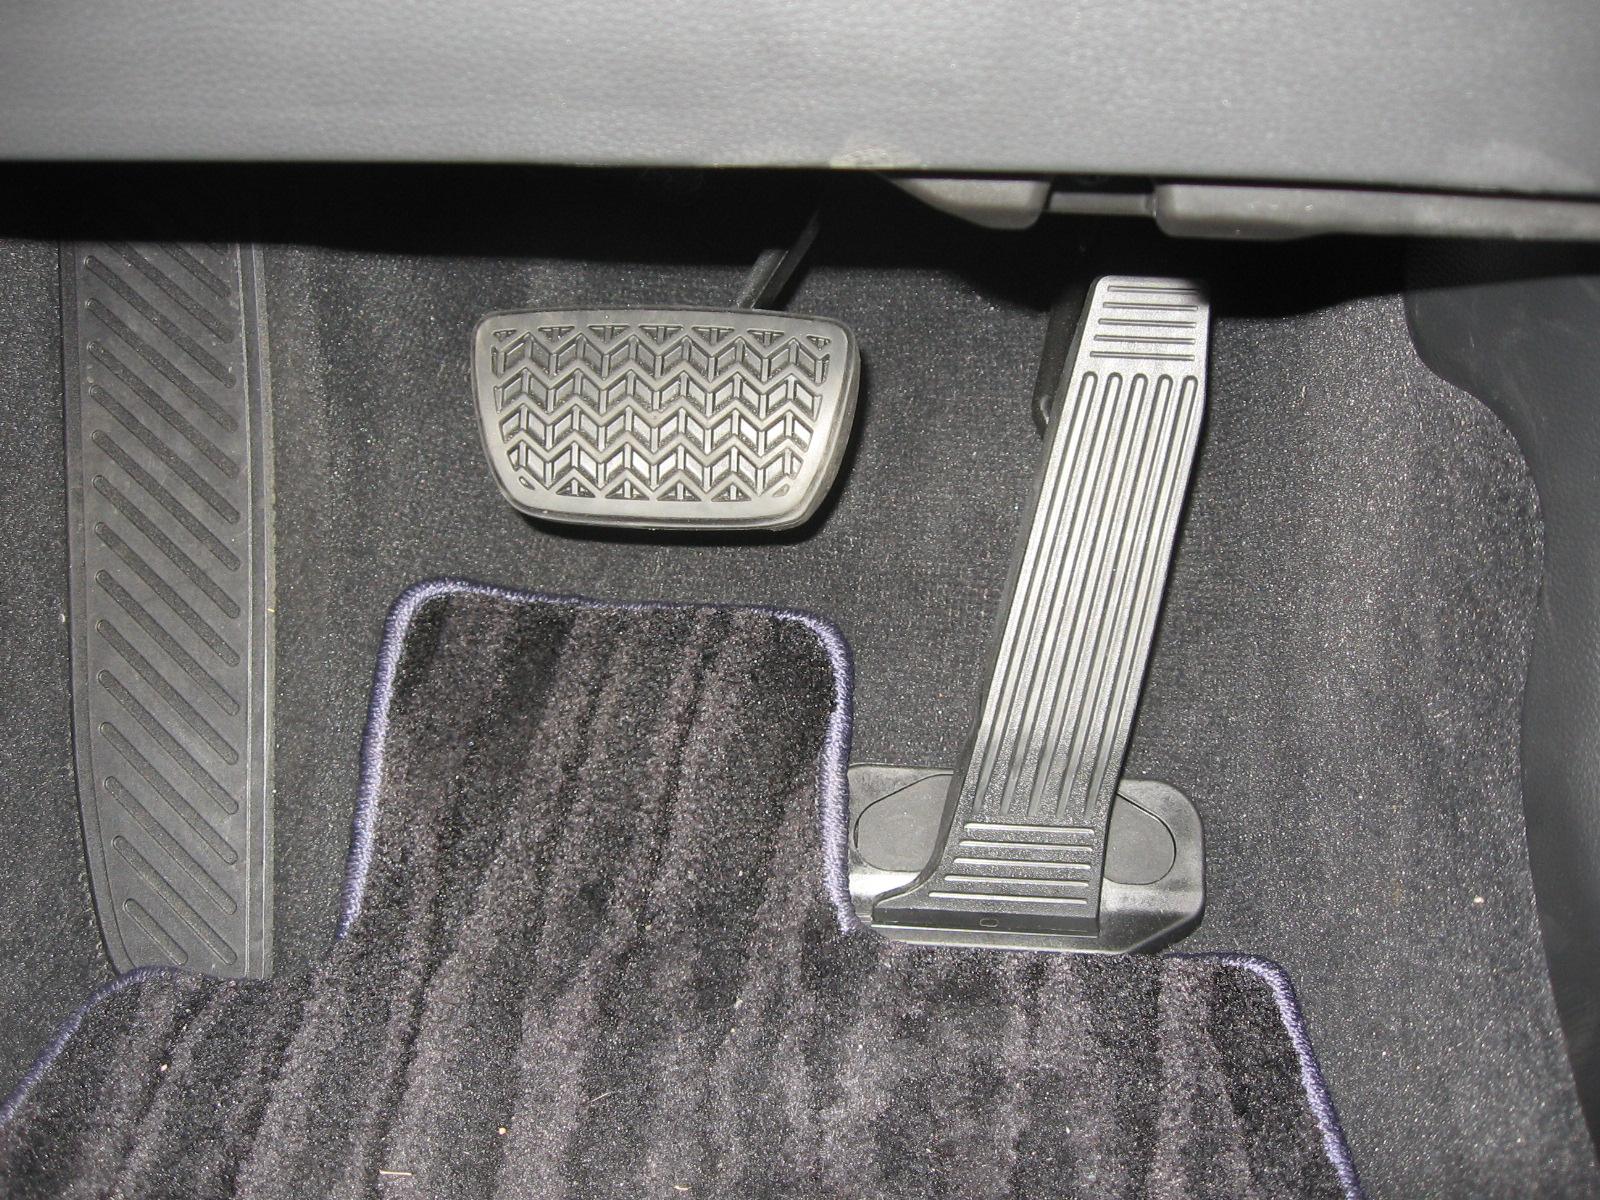 トヨタ・新型クラウンRS 内装 フットペダル